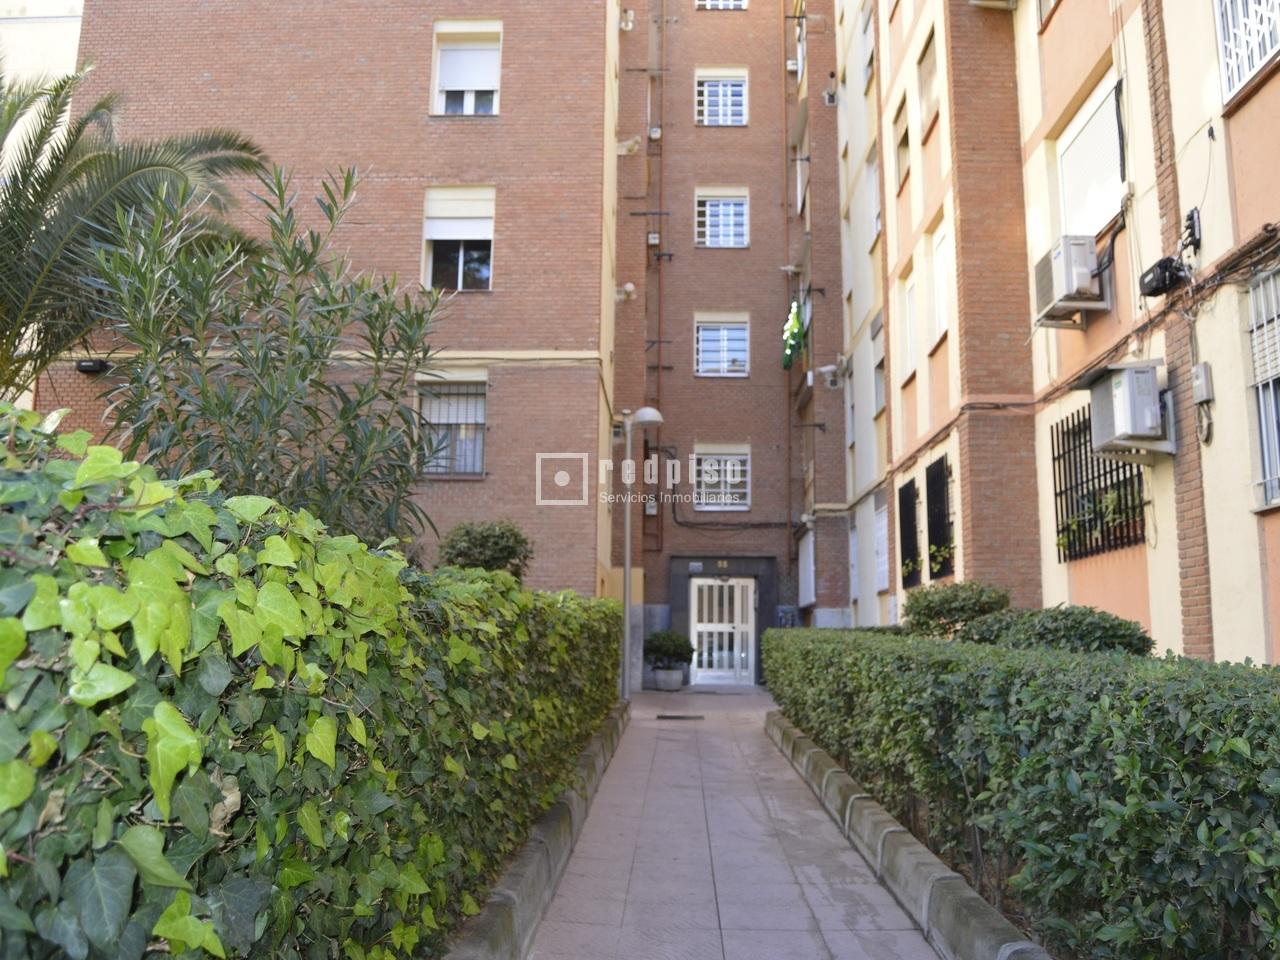 Pisos en ciudad lineal madrid top piso en venta en calle doctor vallejo pueblo nuevo ciudad - Pisos en venta en ciudad lineal ...